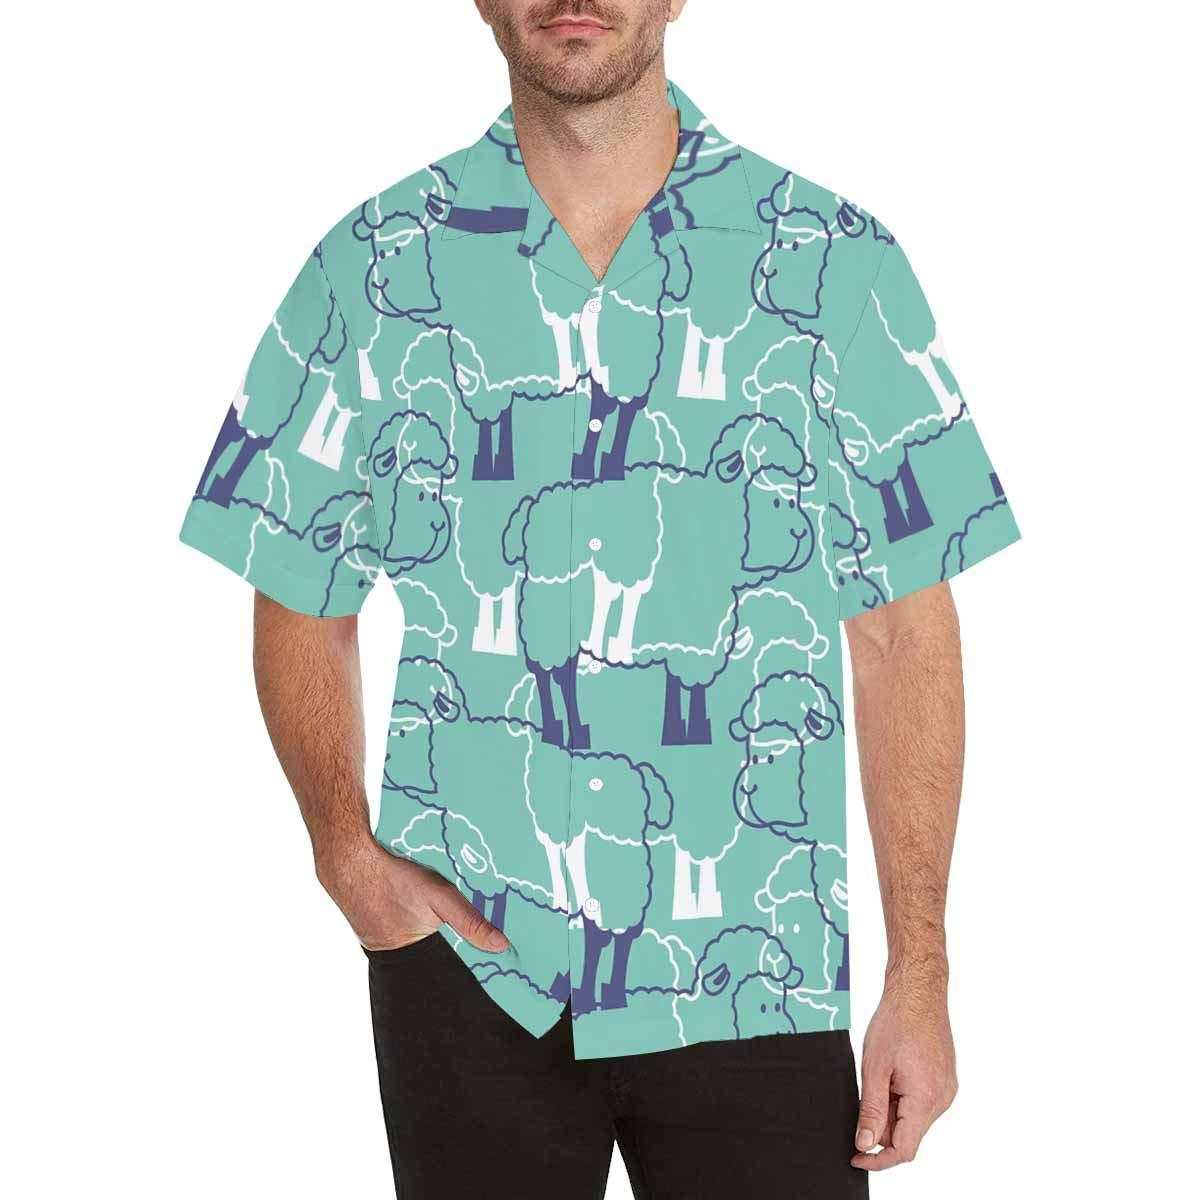 InterestPrint Sheeps Shirt Summer Short Sleeve Shirts